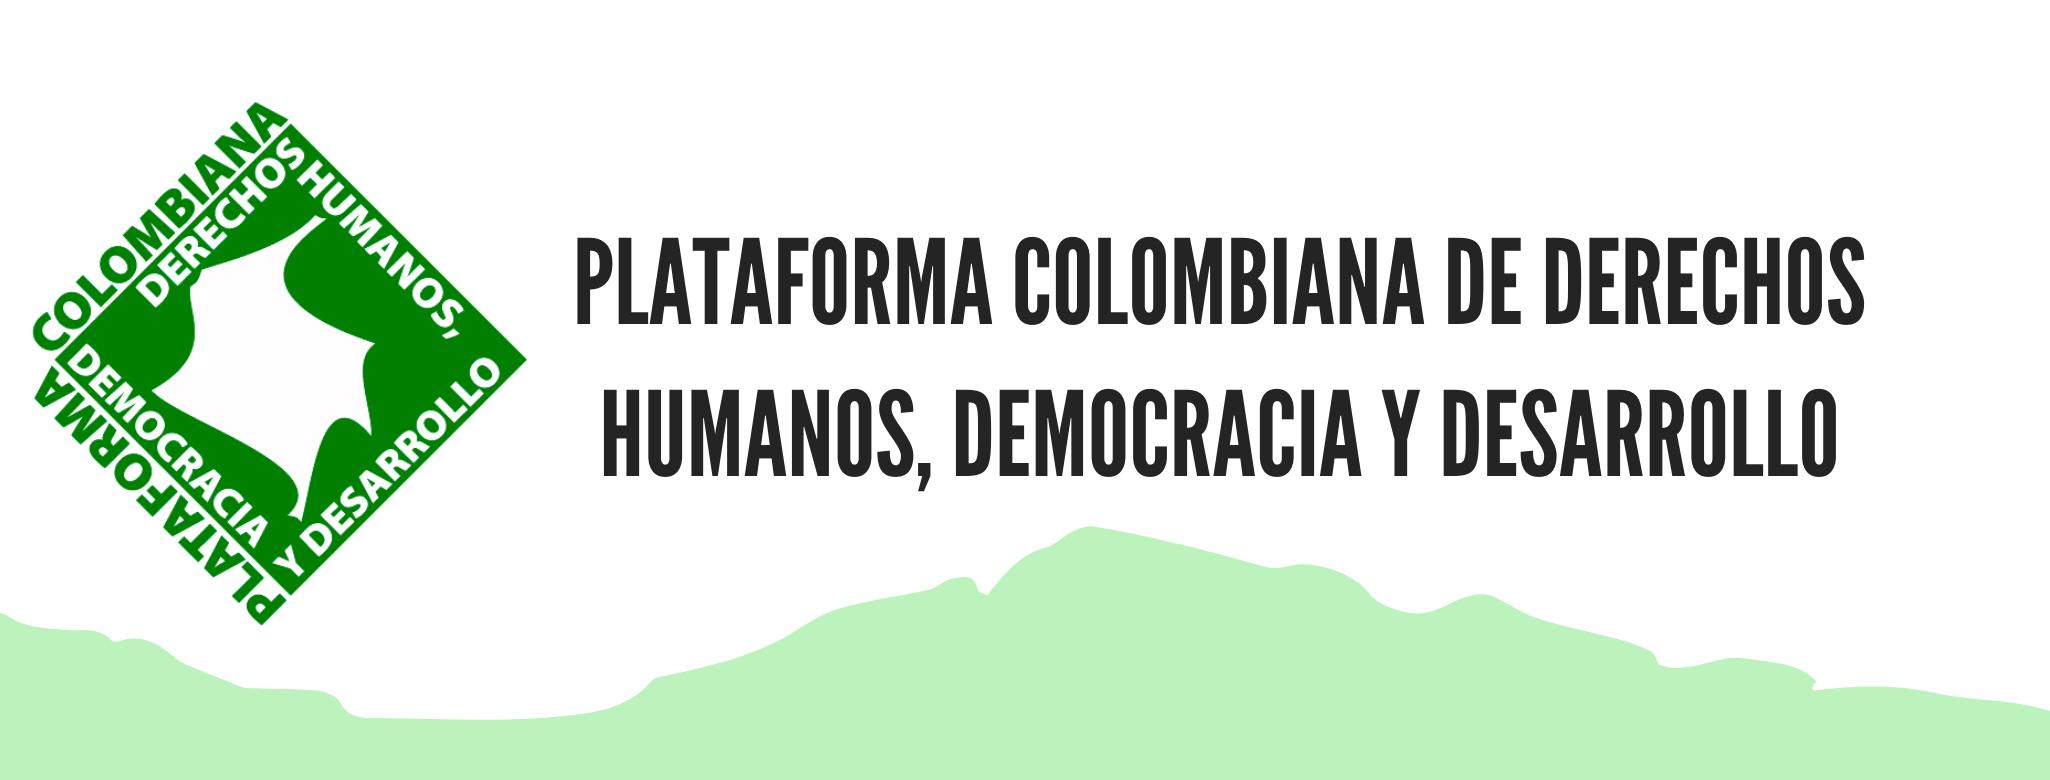 PLATAFORMA COLOMBIANA DE DERECHOS HUMANOS DEMOCRACIA Y DESARROLLO 2